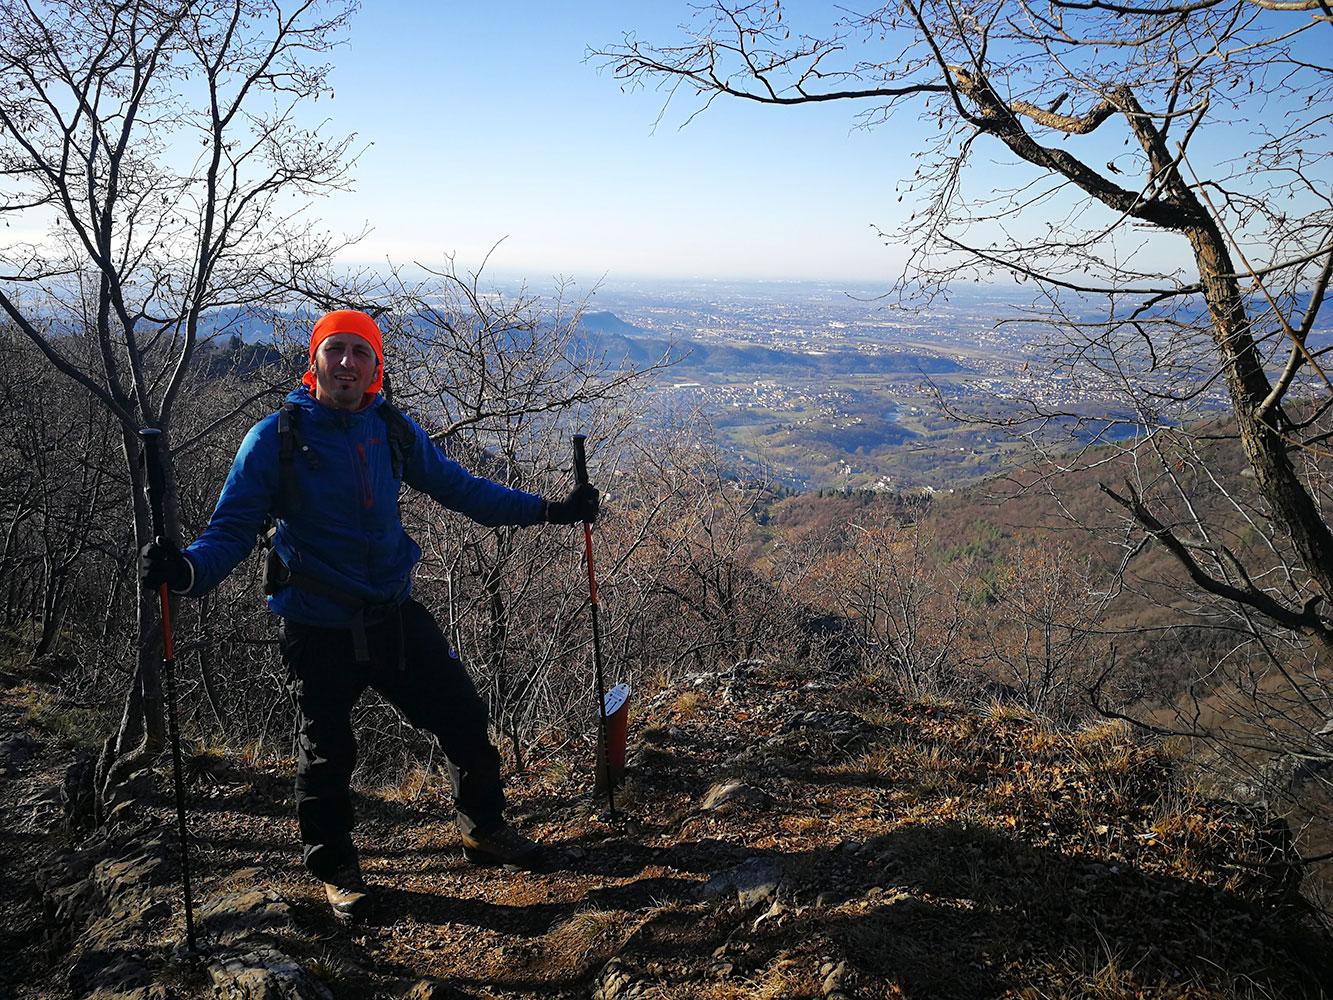 escursioni trekking bergamo